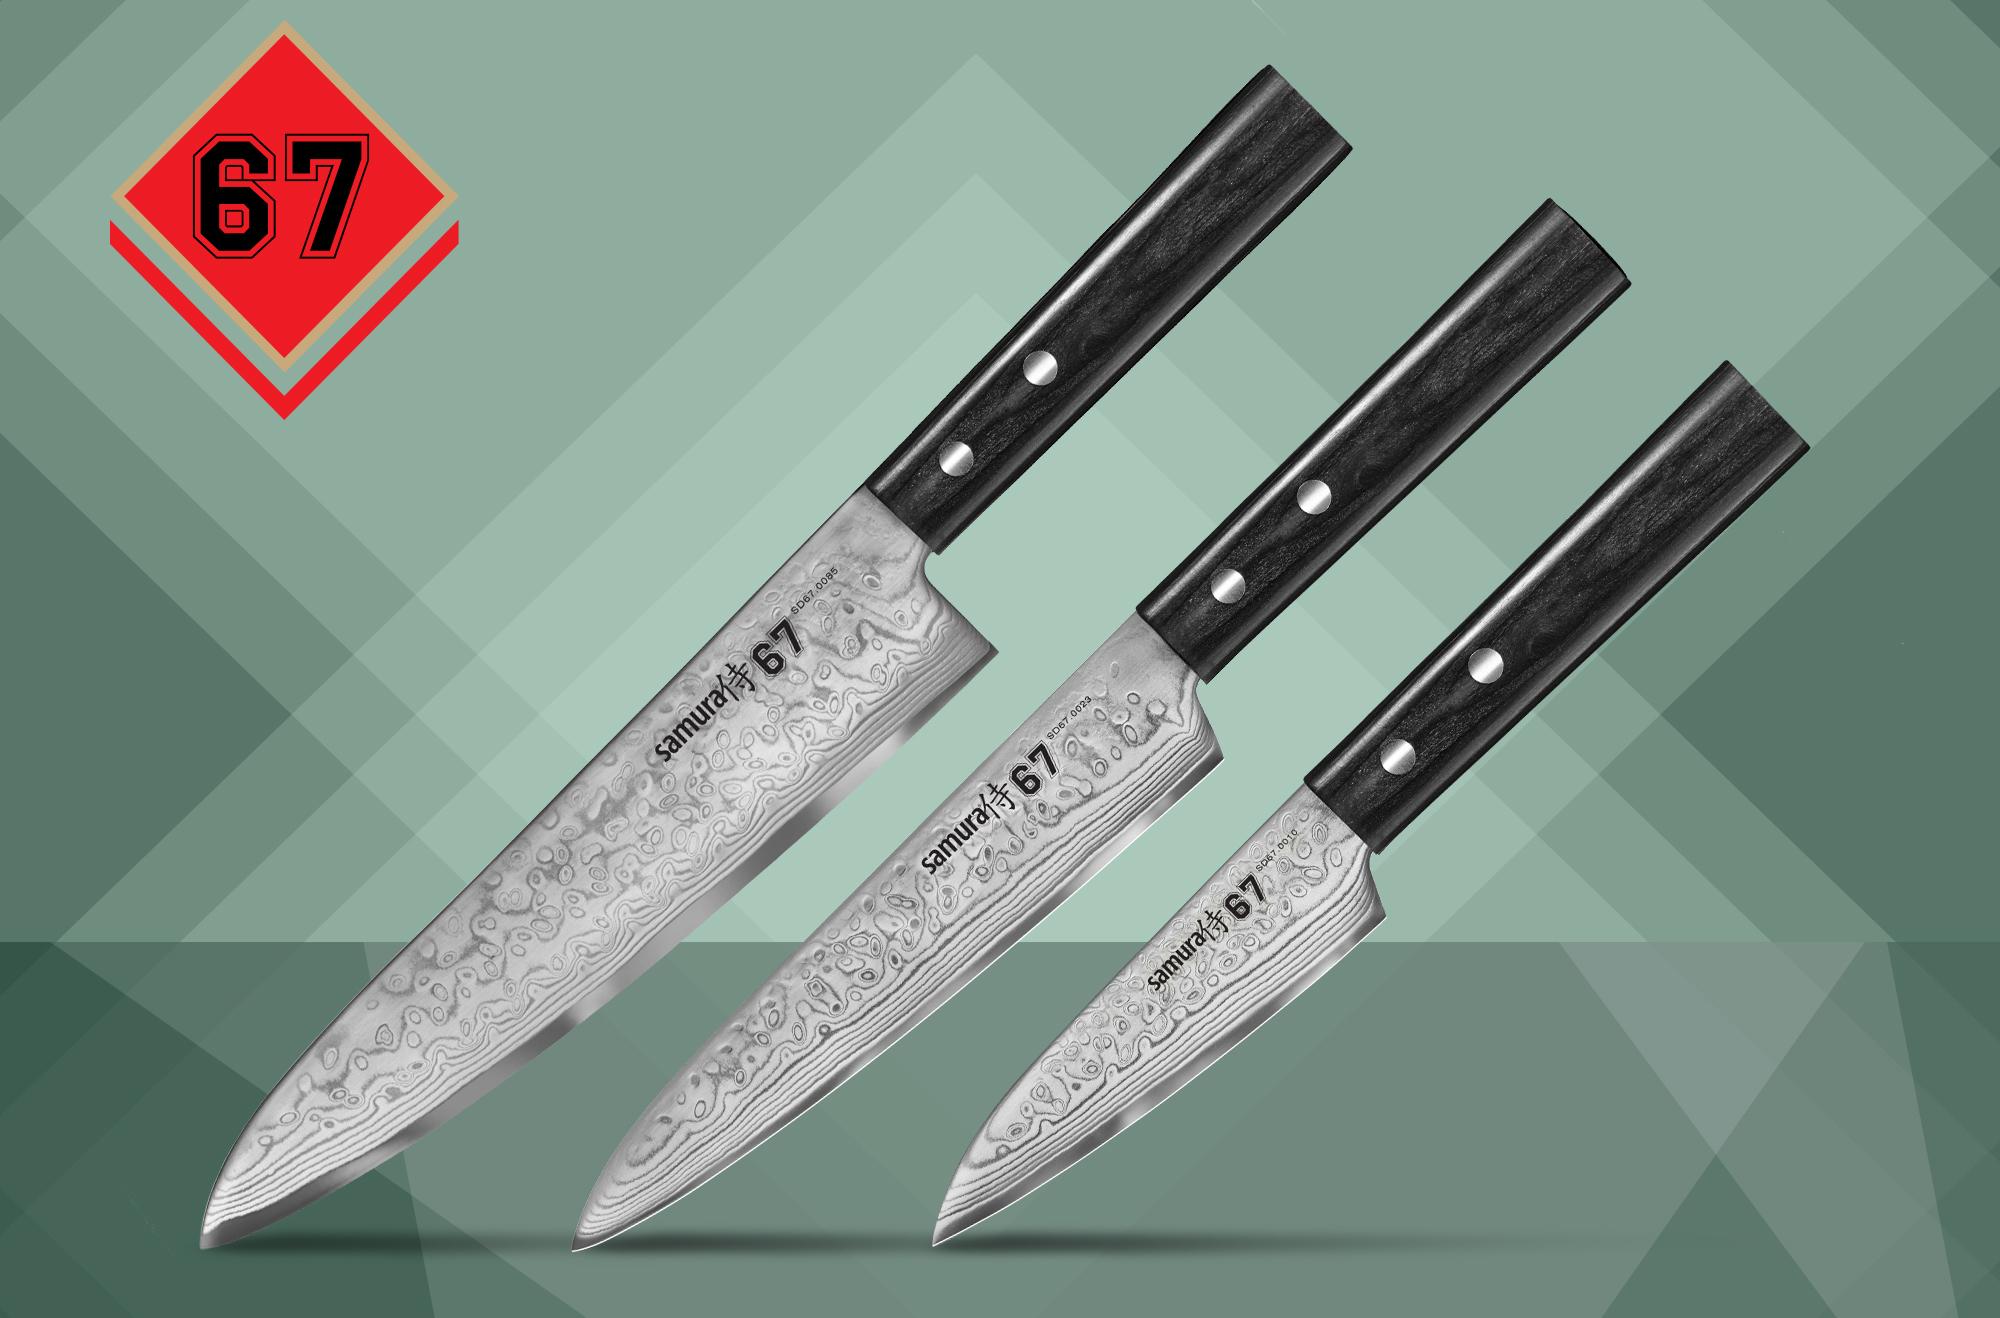 Набор из 3-х кухонных ножей Поварская тройка в подарочной коробке, Samura 67 damascus (SD67-0220) набор из 4 ножей и подставки samura bamboo в подарочной коробке